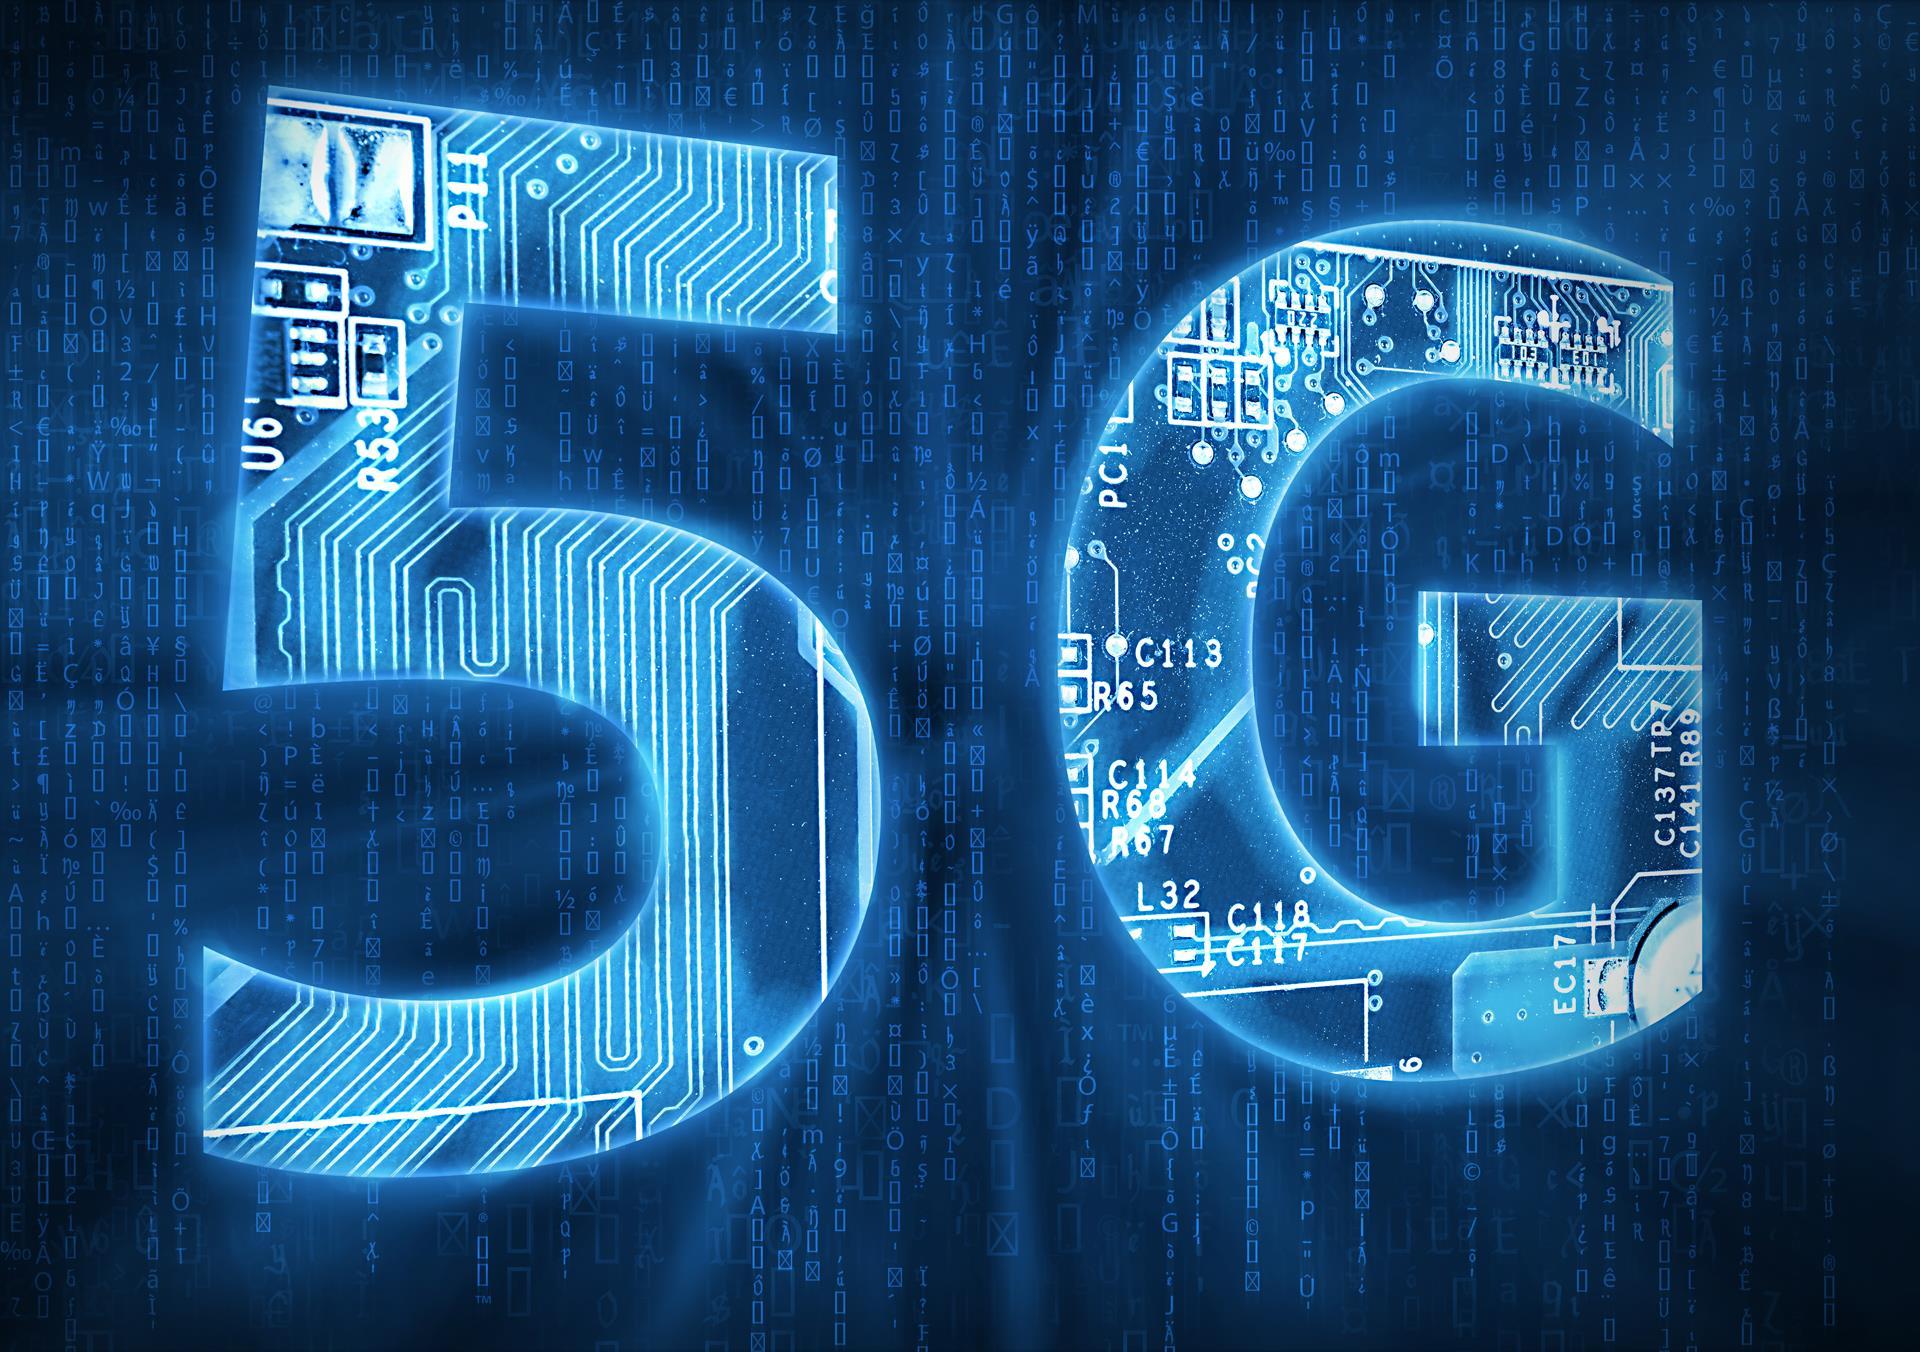 2019年全球小型5G网络市场规模将超5亿美元